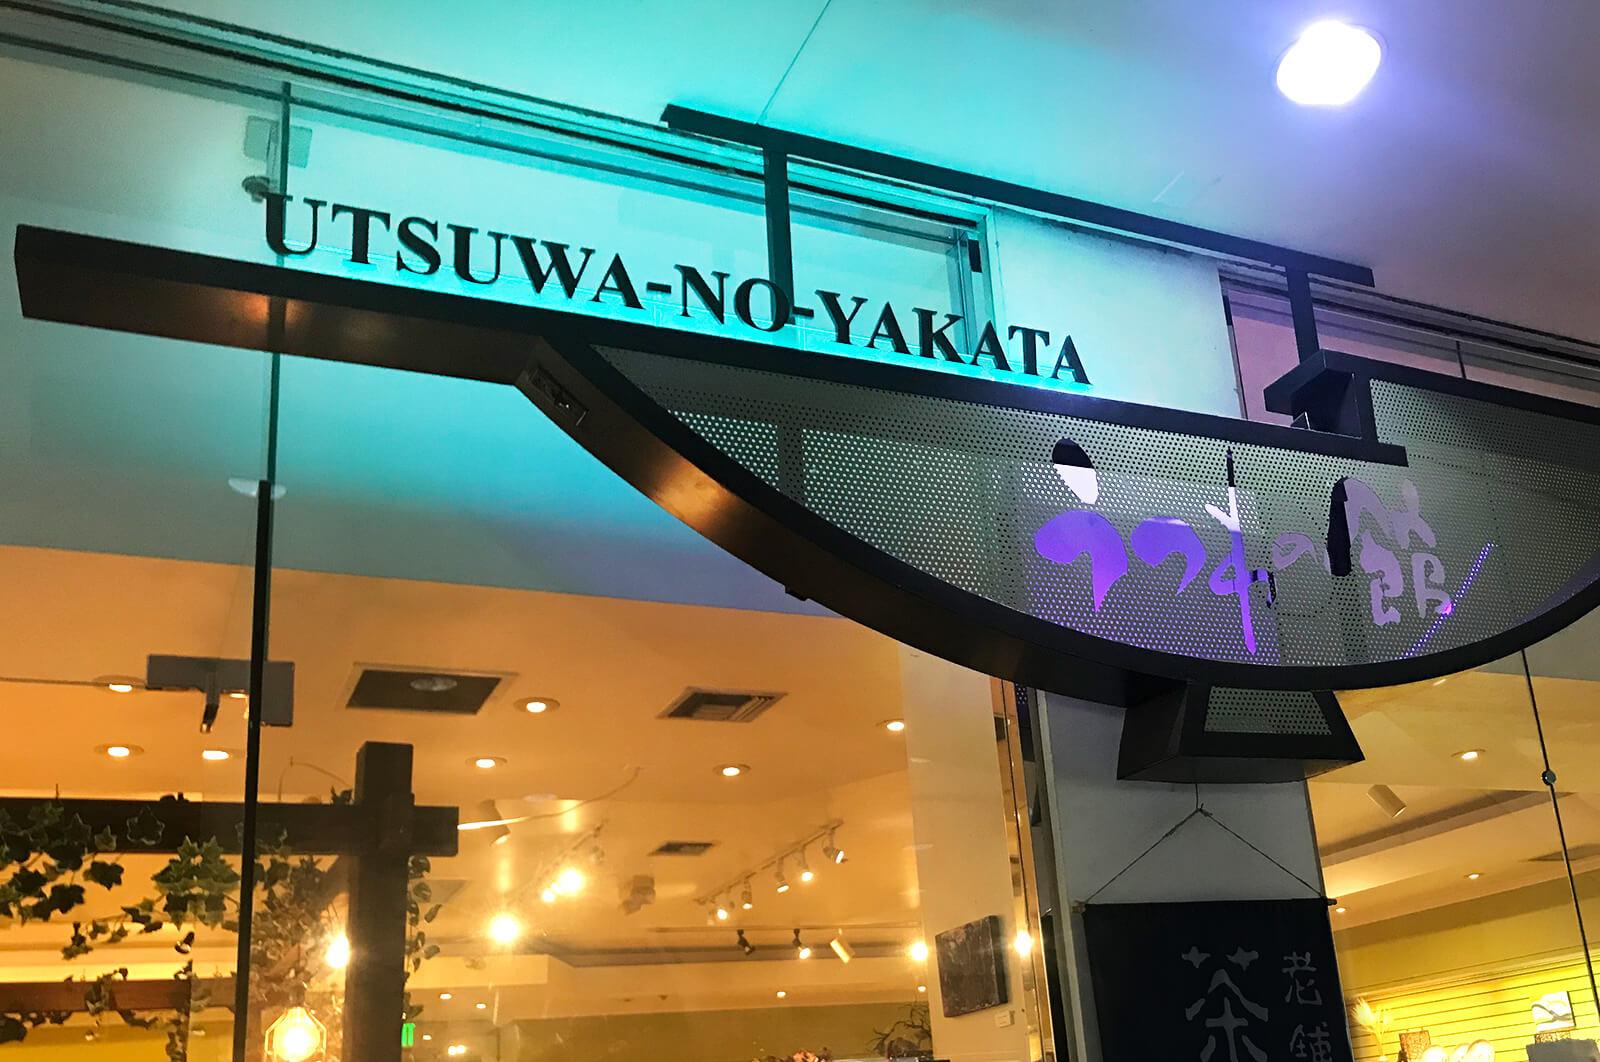 UTSUWA-NO-YAKATA